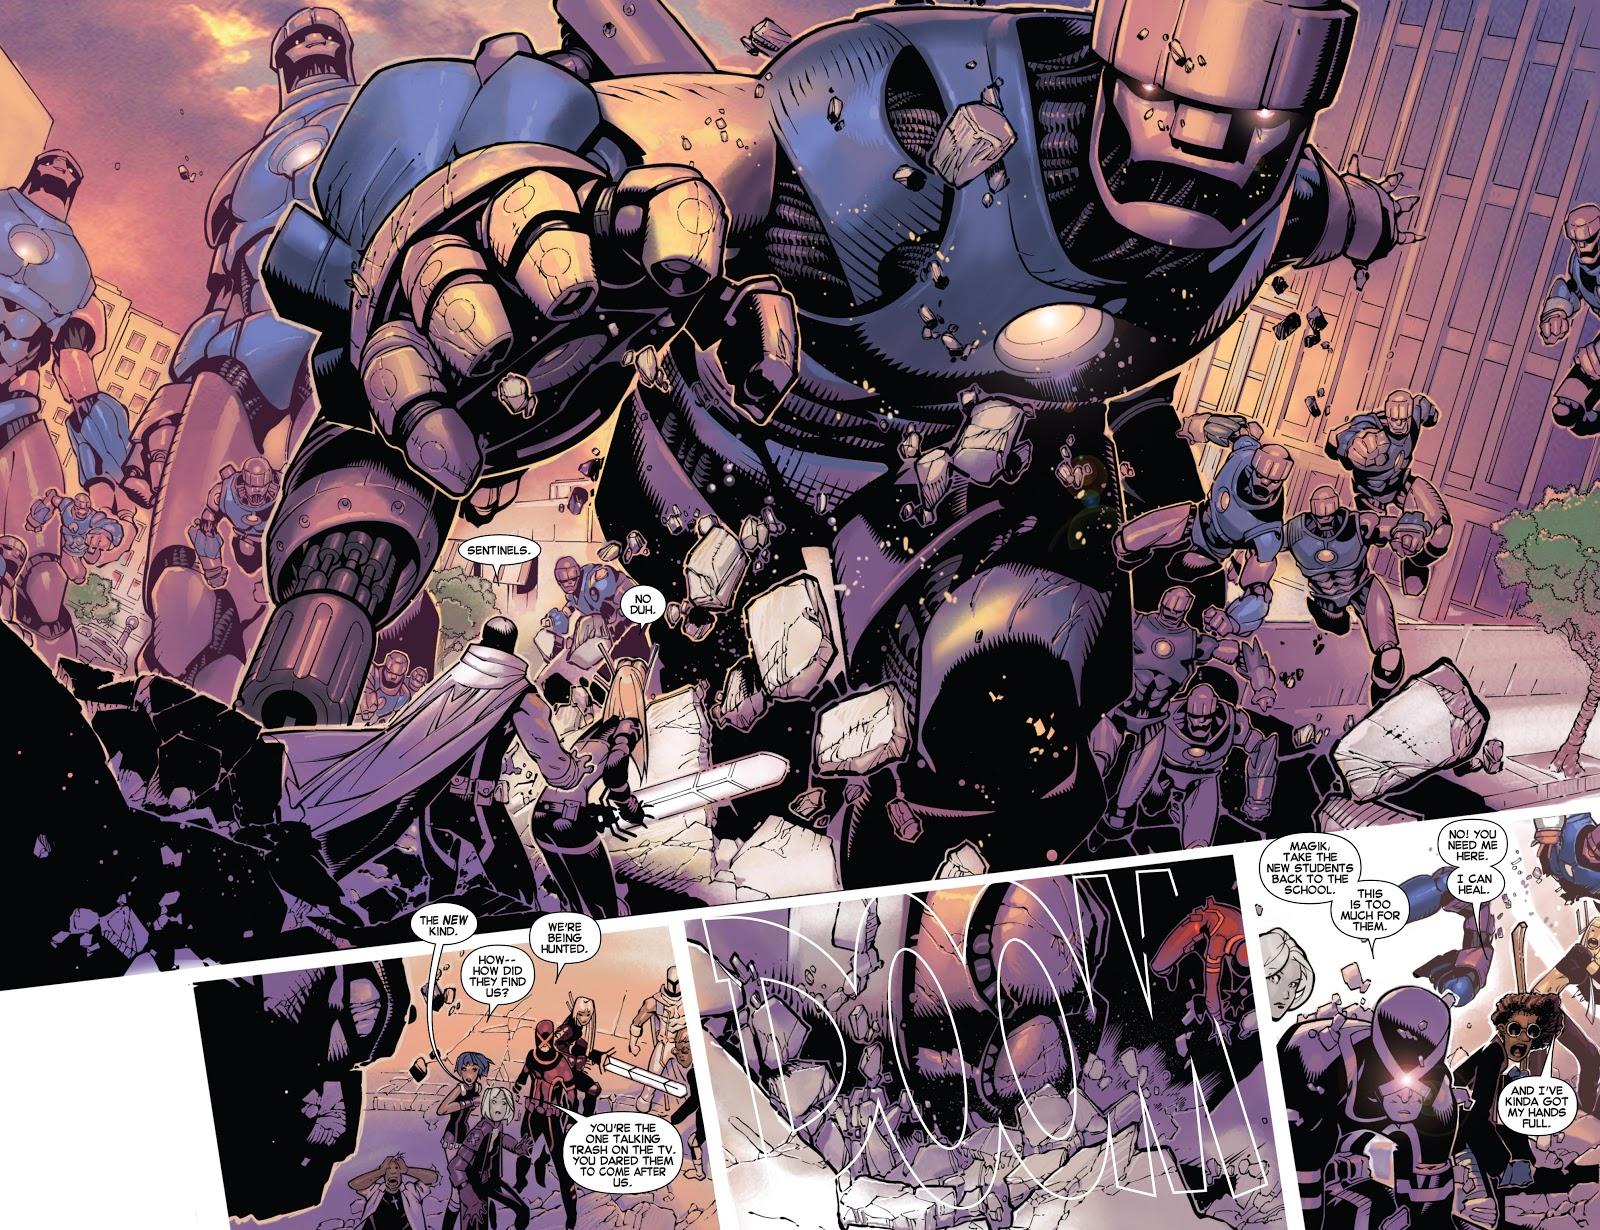 X-Men VS Sentinels (Uncanny X-Men Vol. 3 #1)